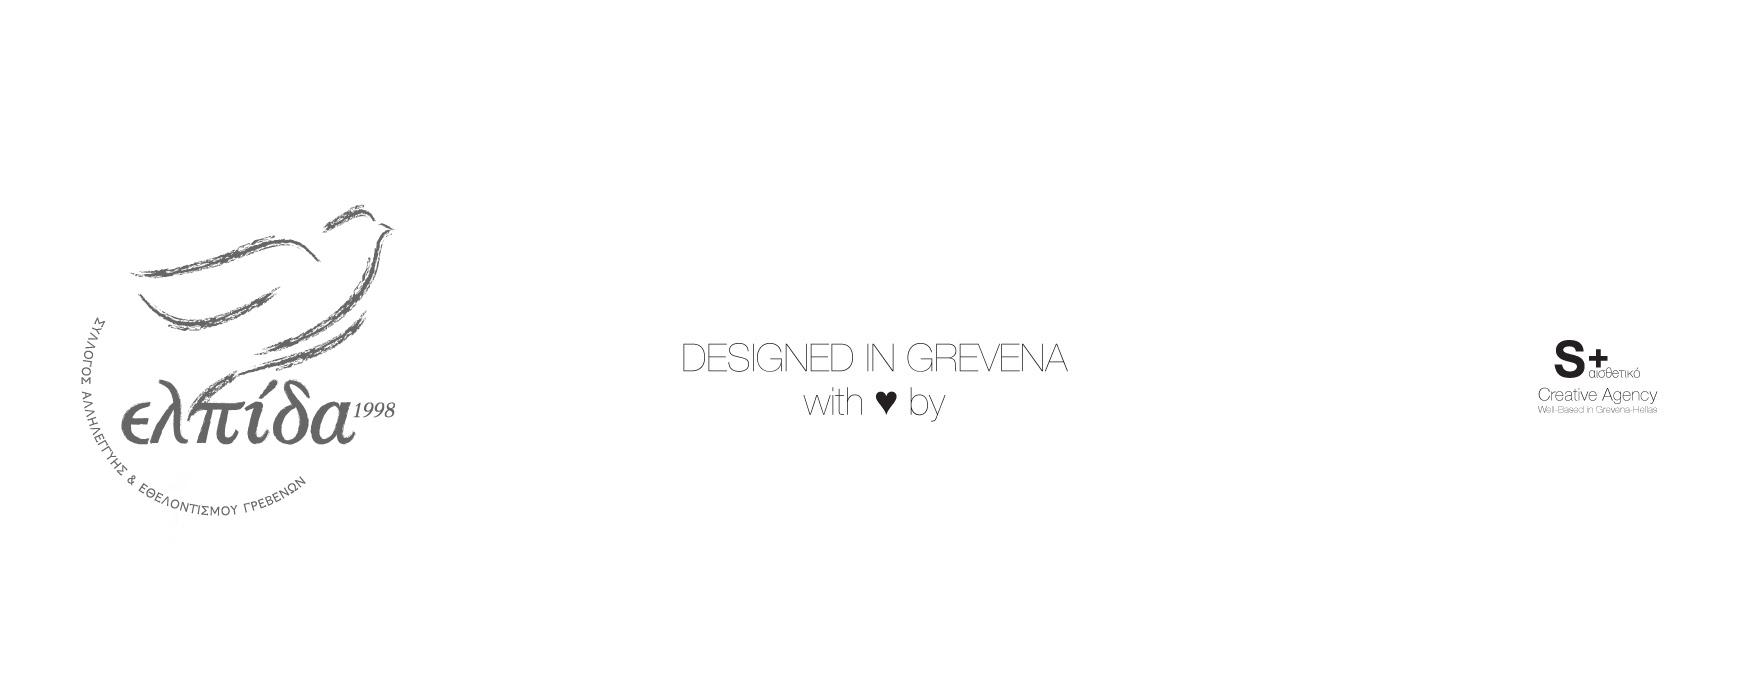 elpida_logo_designed